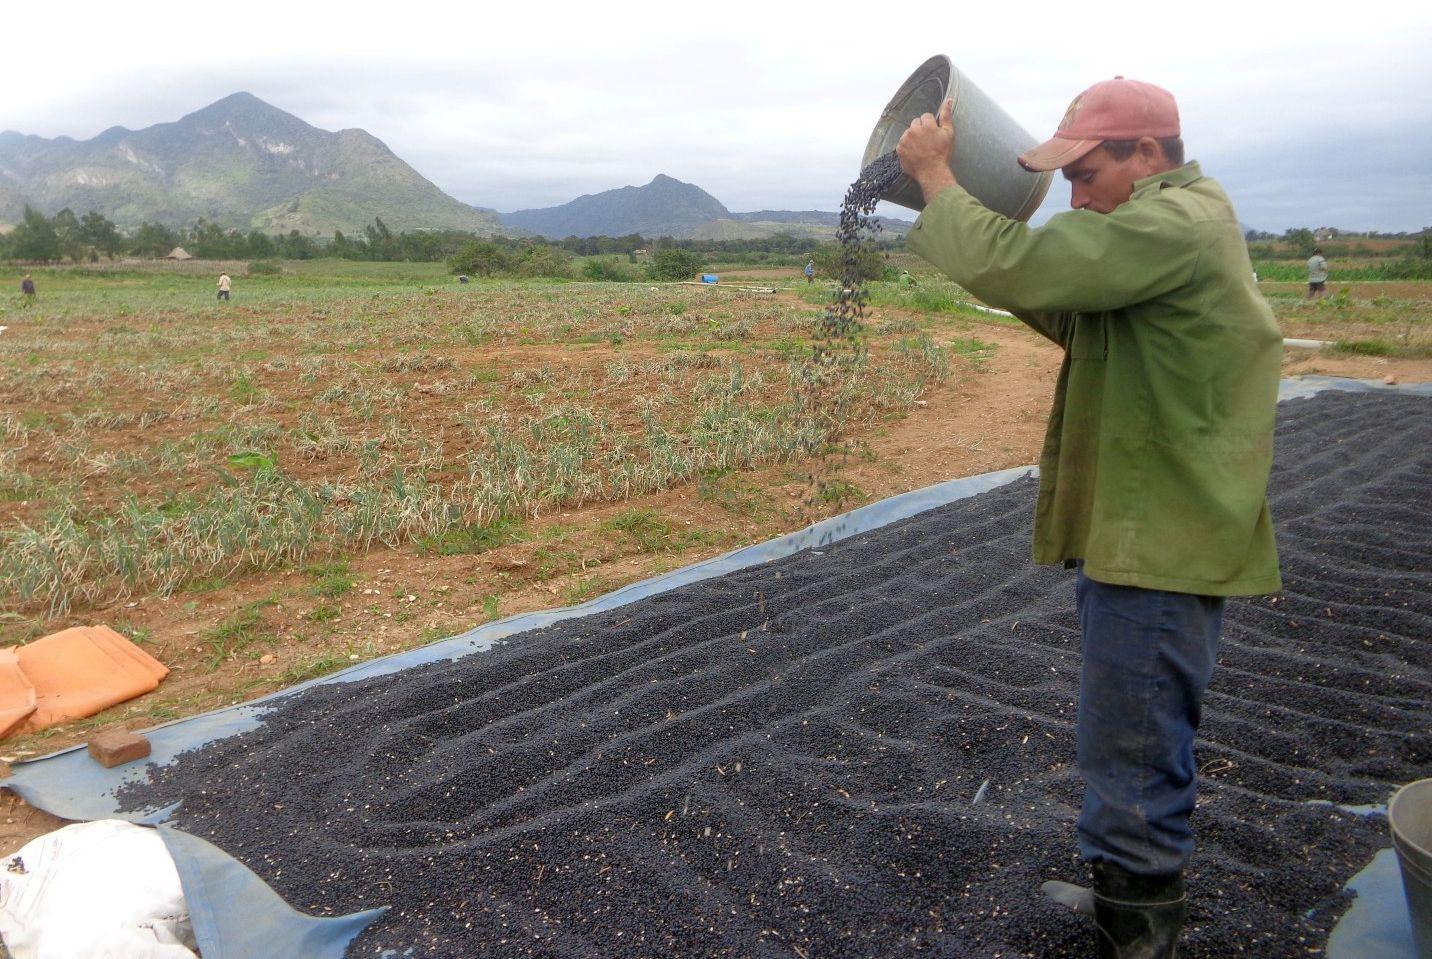 sancti spiritus en 26, produccion alimentos, sustitucion importaciones, cosecha de frijol